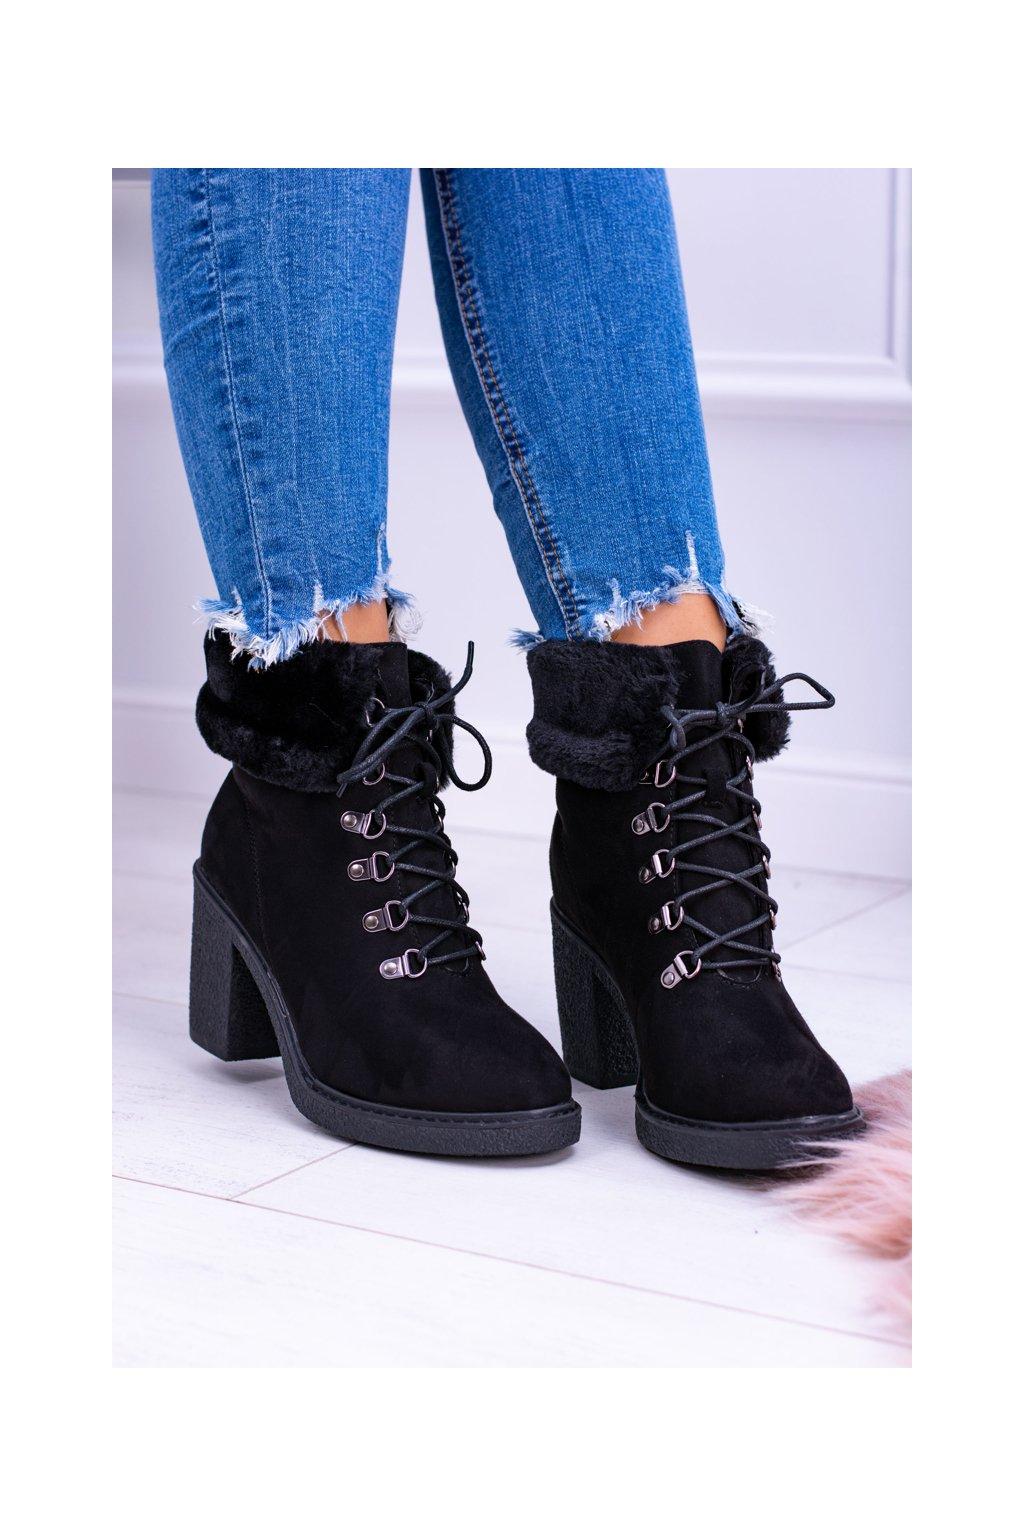 Dámske čierne členkové topánky s kožešiny Influence